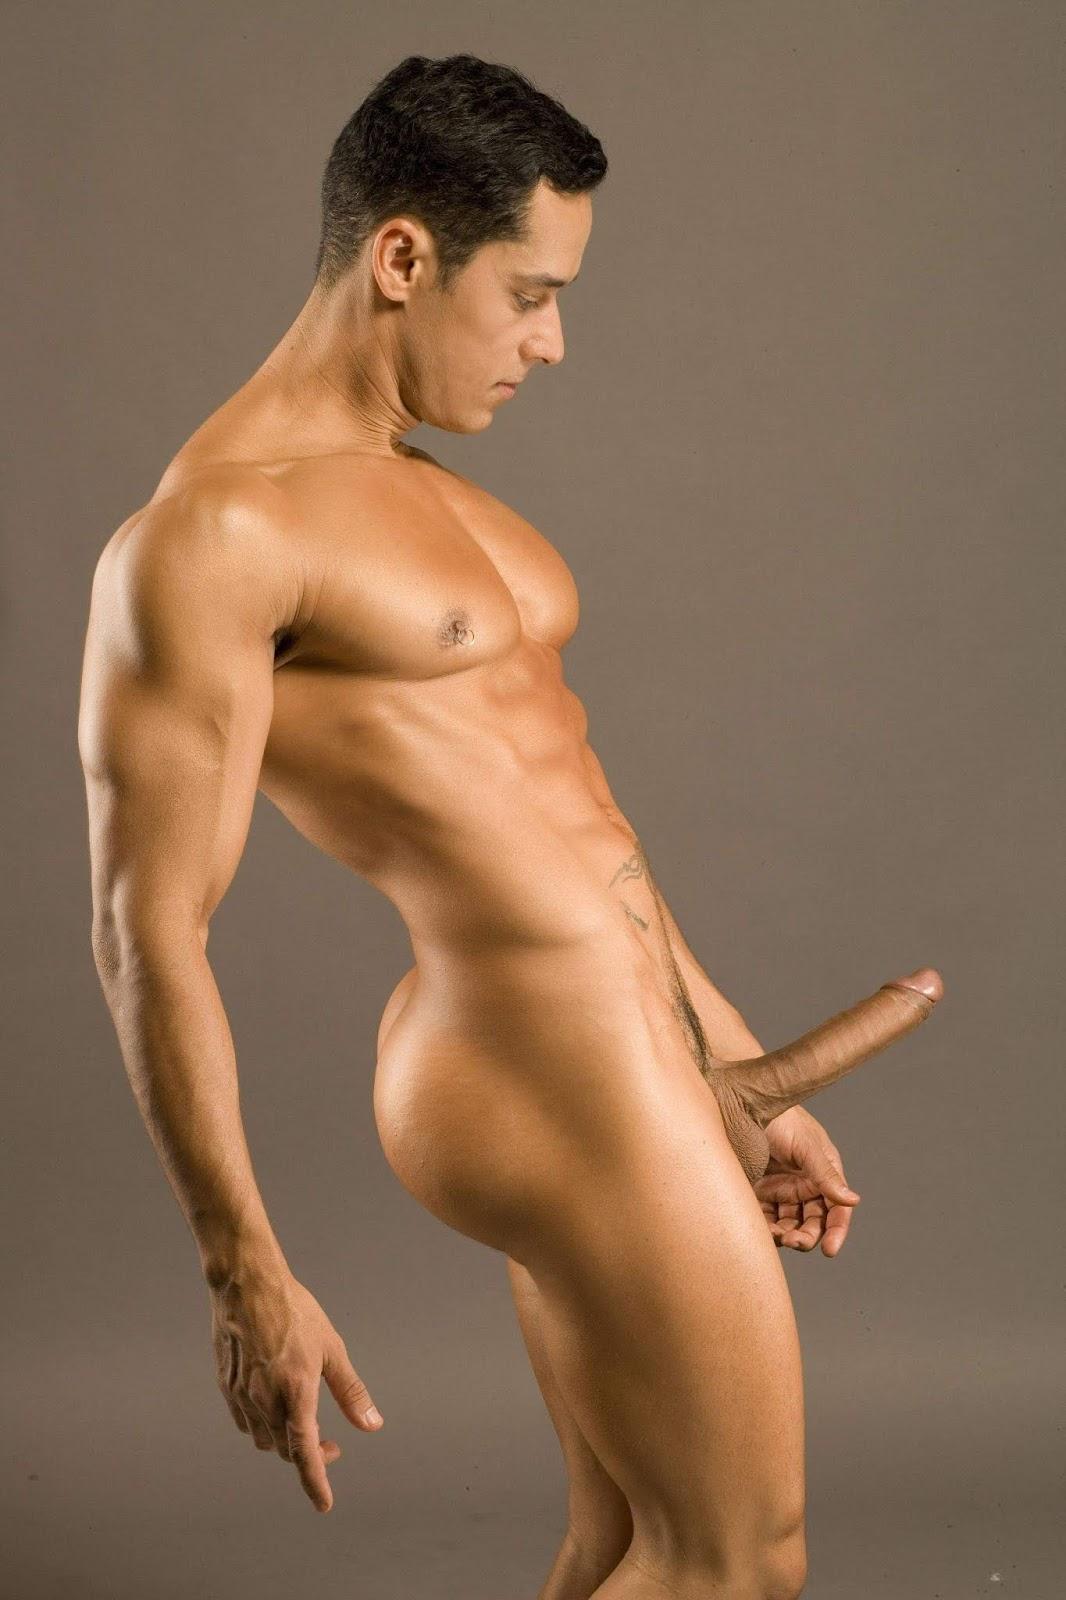 прошу прощение фото про голих мужчин вроде как